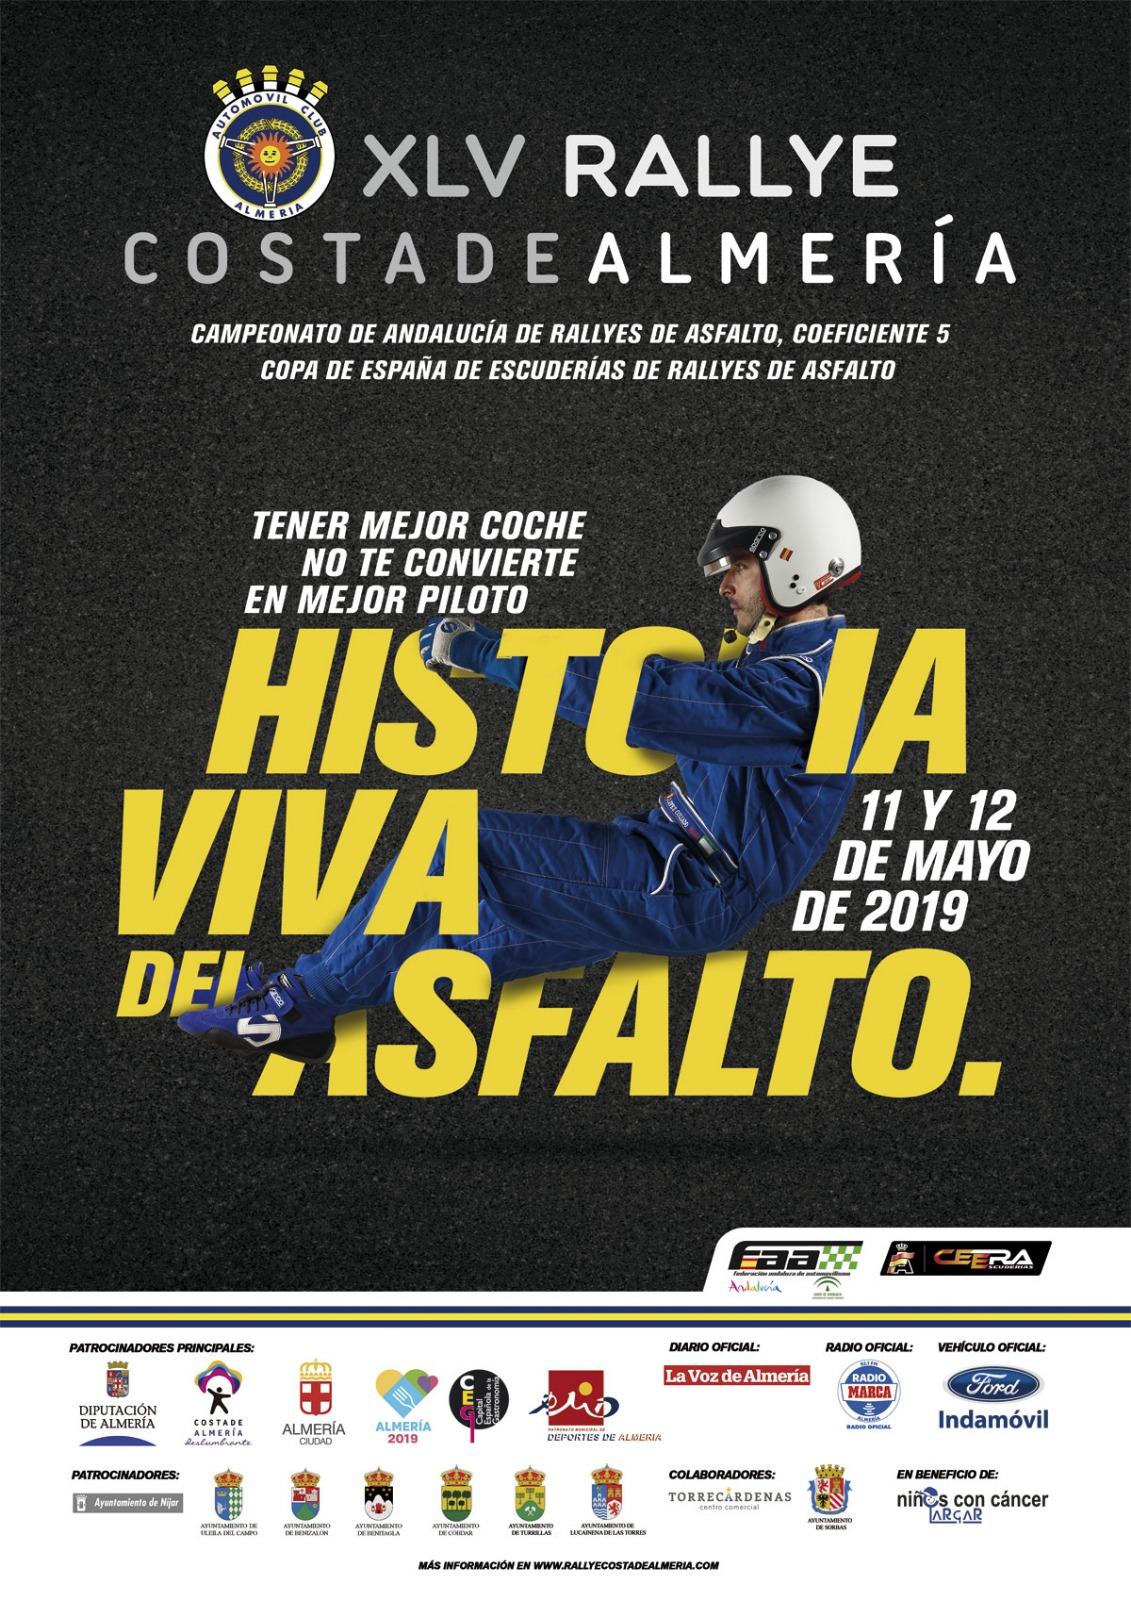 Campeonatos Regionales 2019: Información y novedades - Página 12 Cartel-almeria